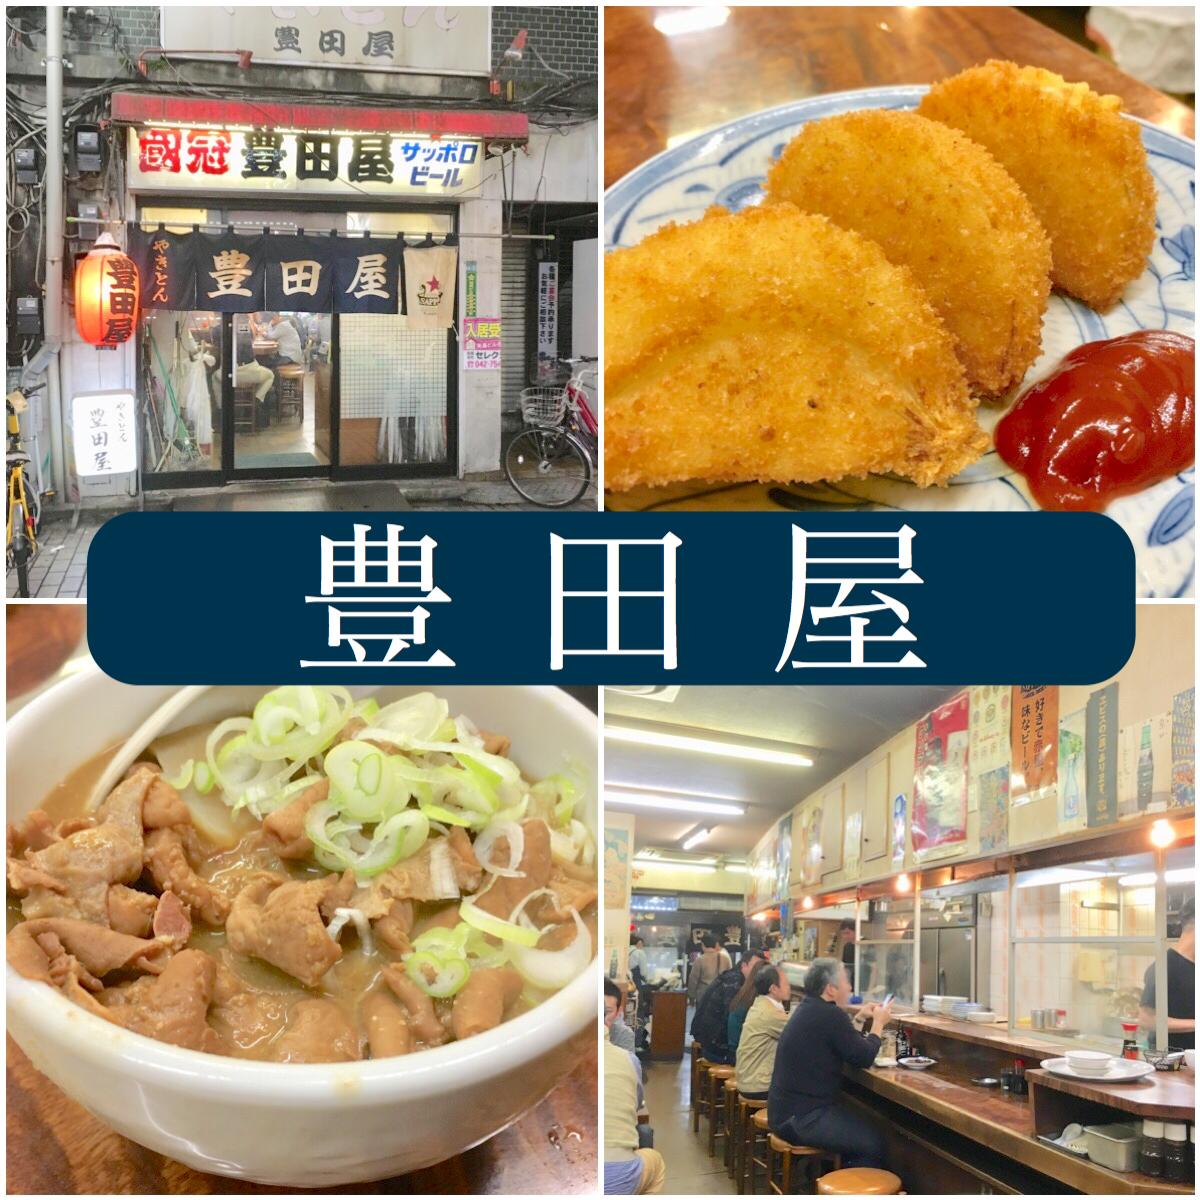 池袋駅西口『豊田屋2号店』は昭和な大衆酒場入門にオススメの店!